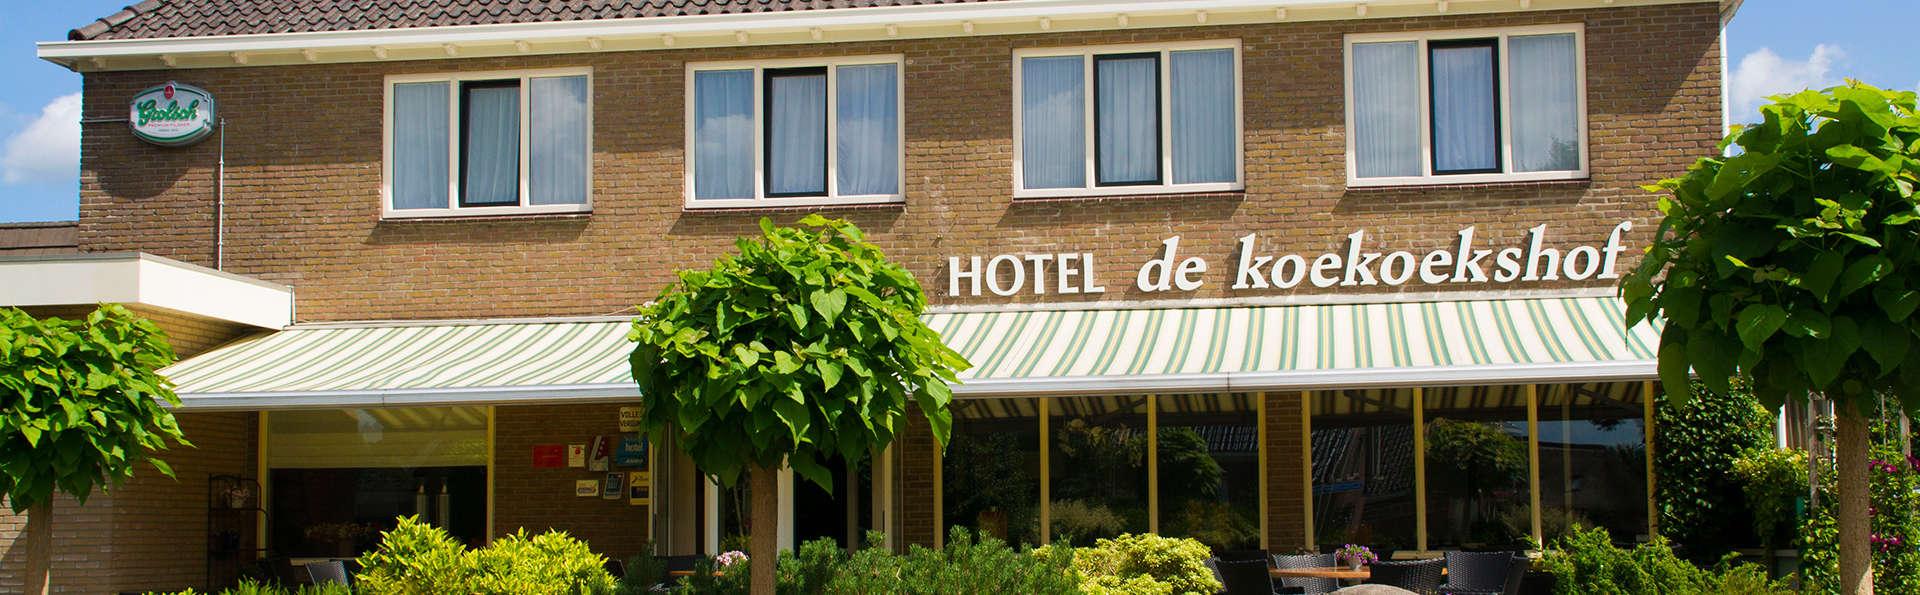 Hotel de Koekoekshof - EDIT_front.jpg